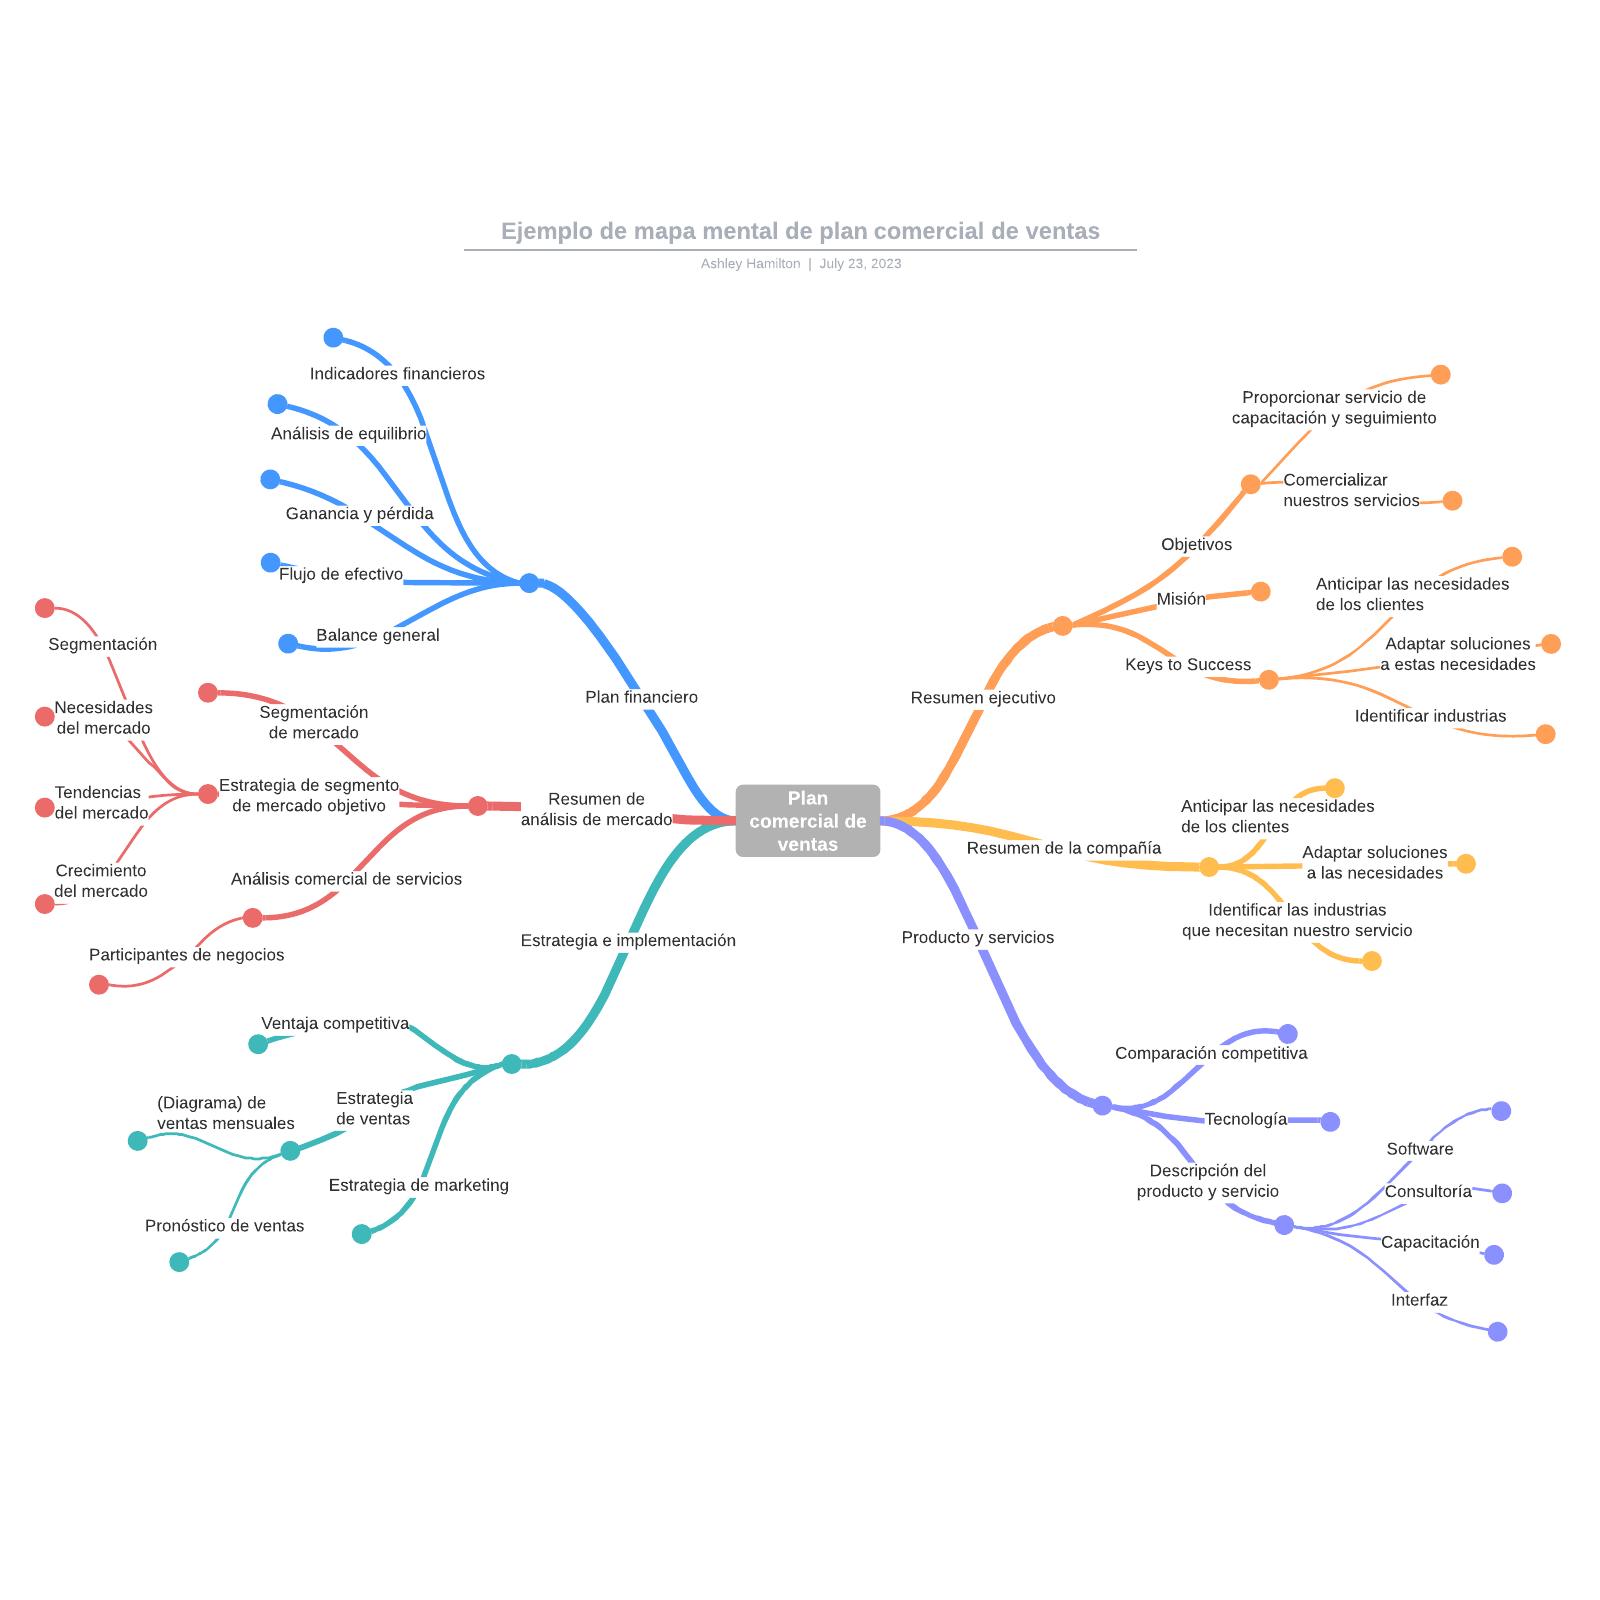 Ejemplo de mapa mental de plan comercial de ventas